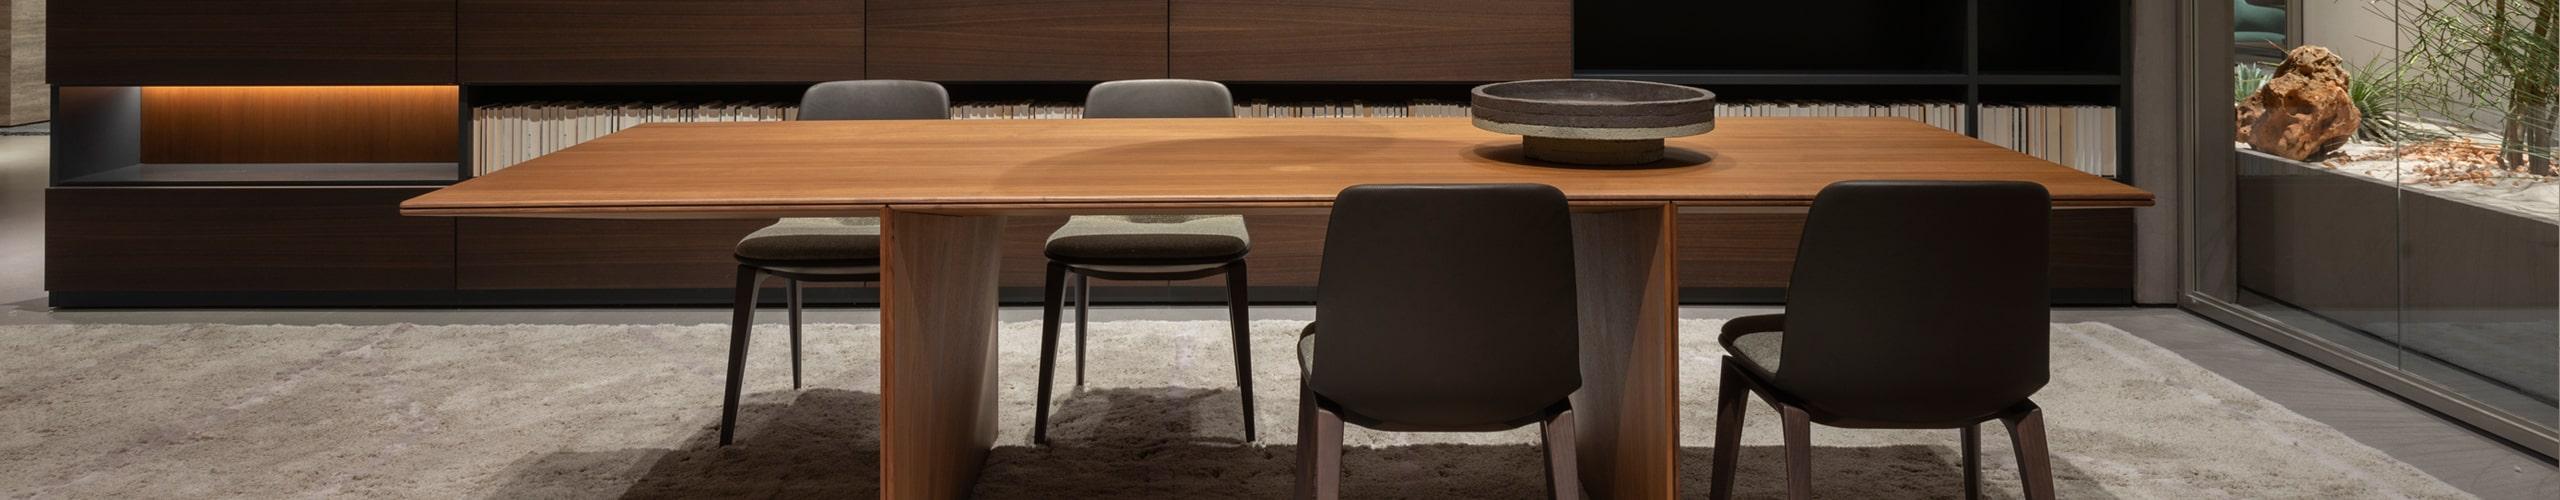 living-progettazione-interni-mobili-design-lusso-arredo-lecce-brindisi-taranto